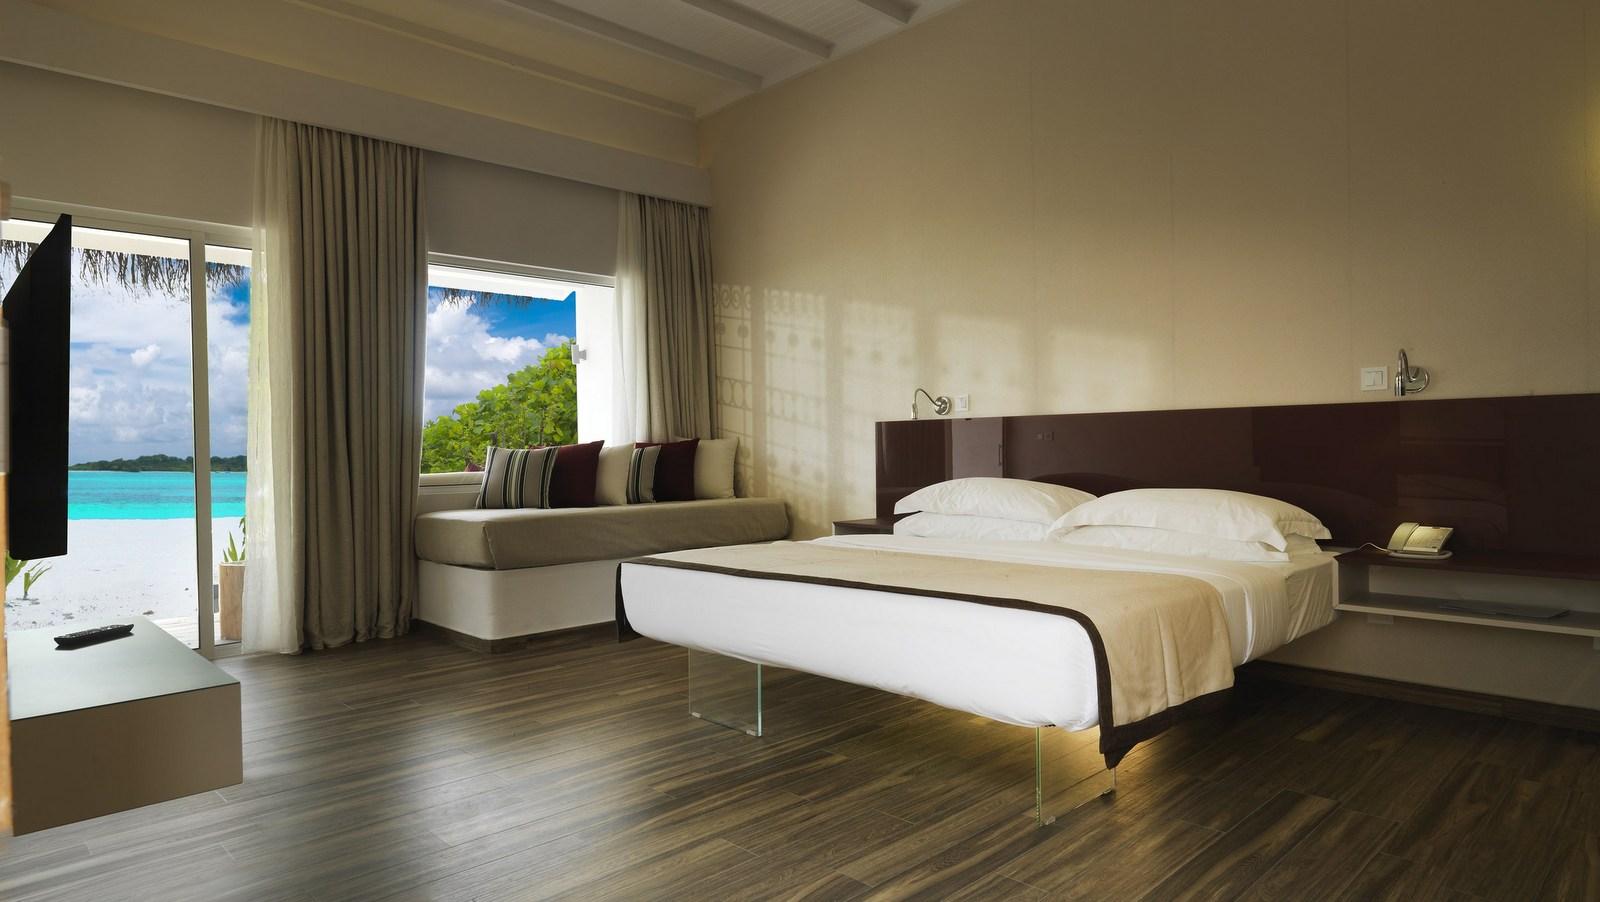 Мальдивы, отель Cocoon Maldives, номер Beach Villa